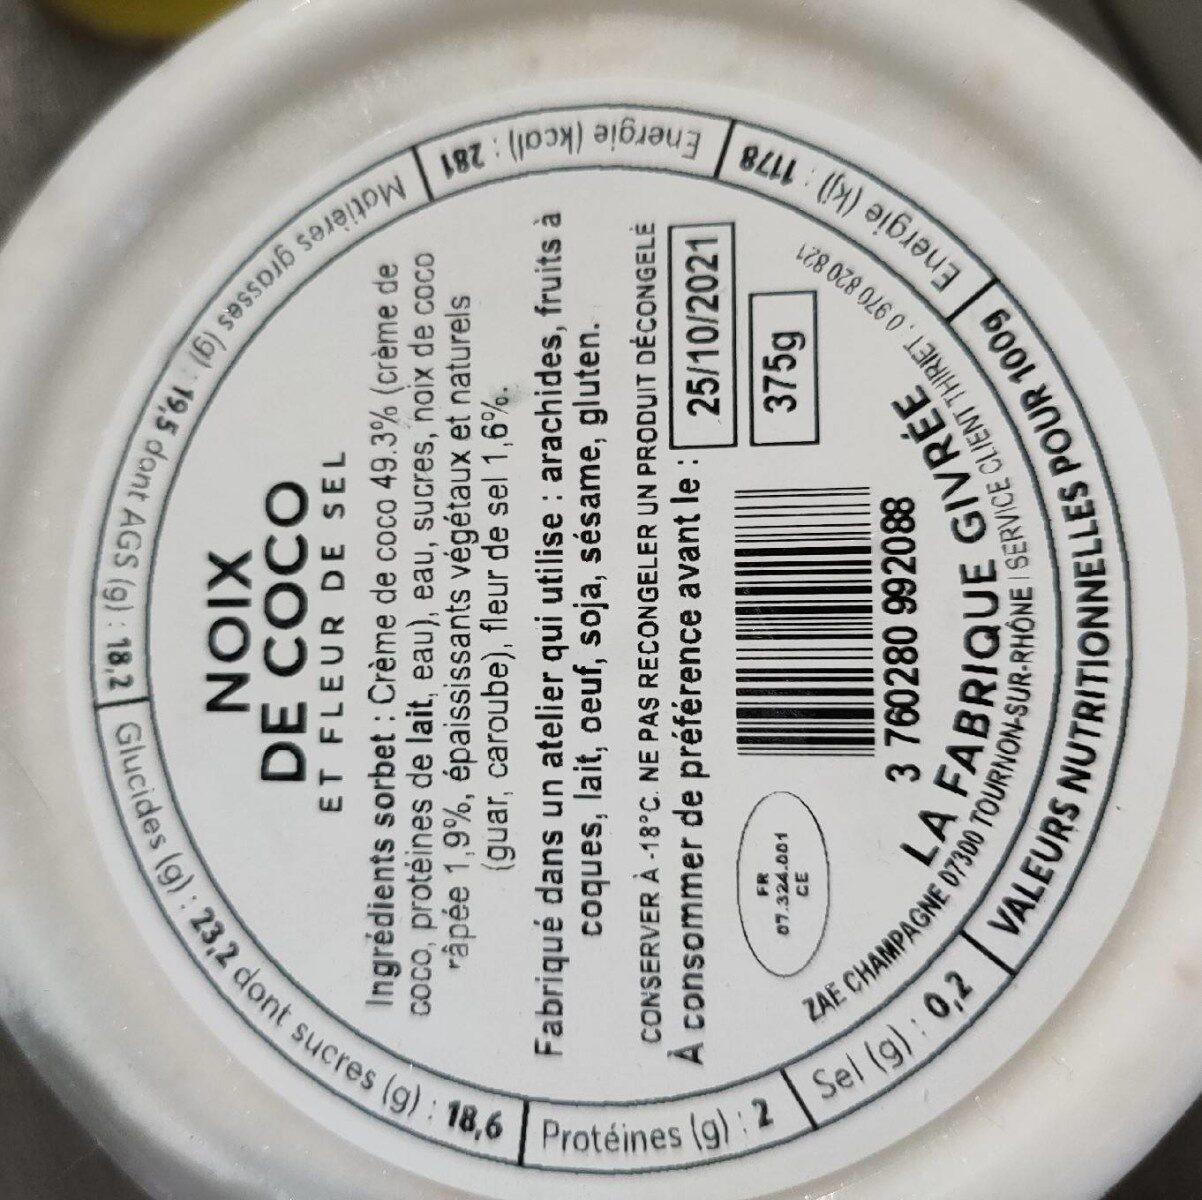 Sorbet noix de coco - Nutrition facts - fr